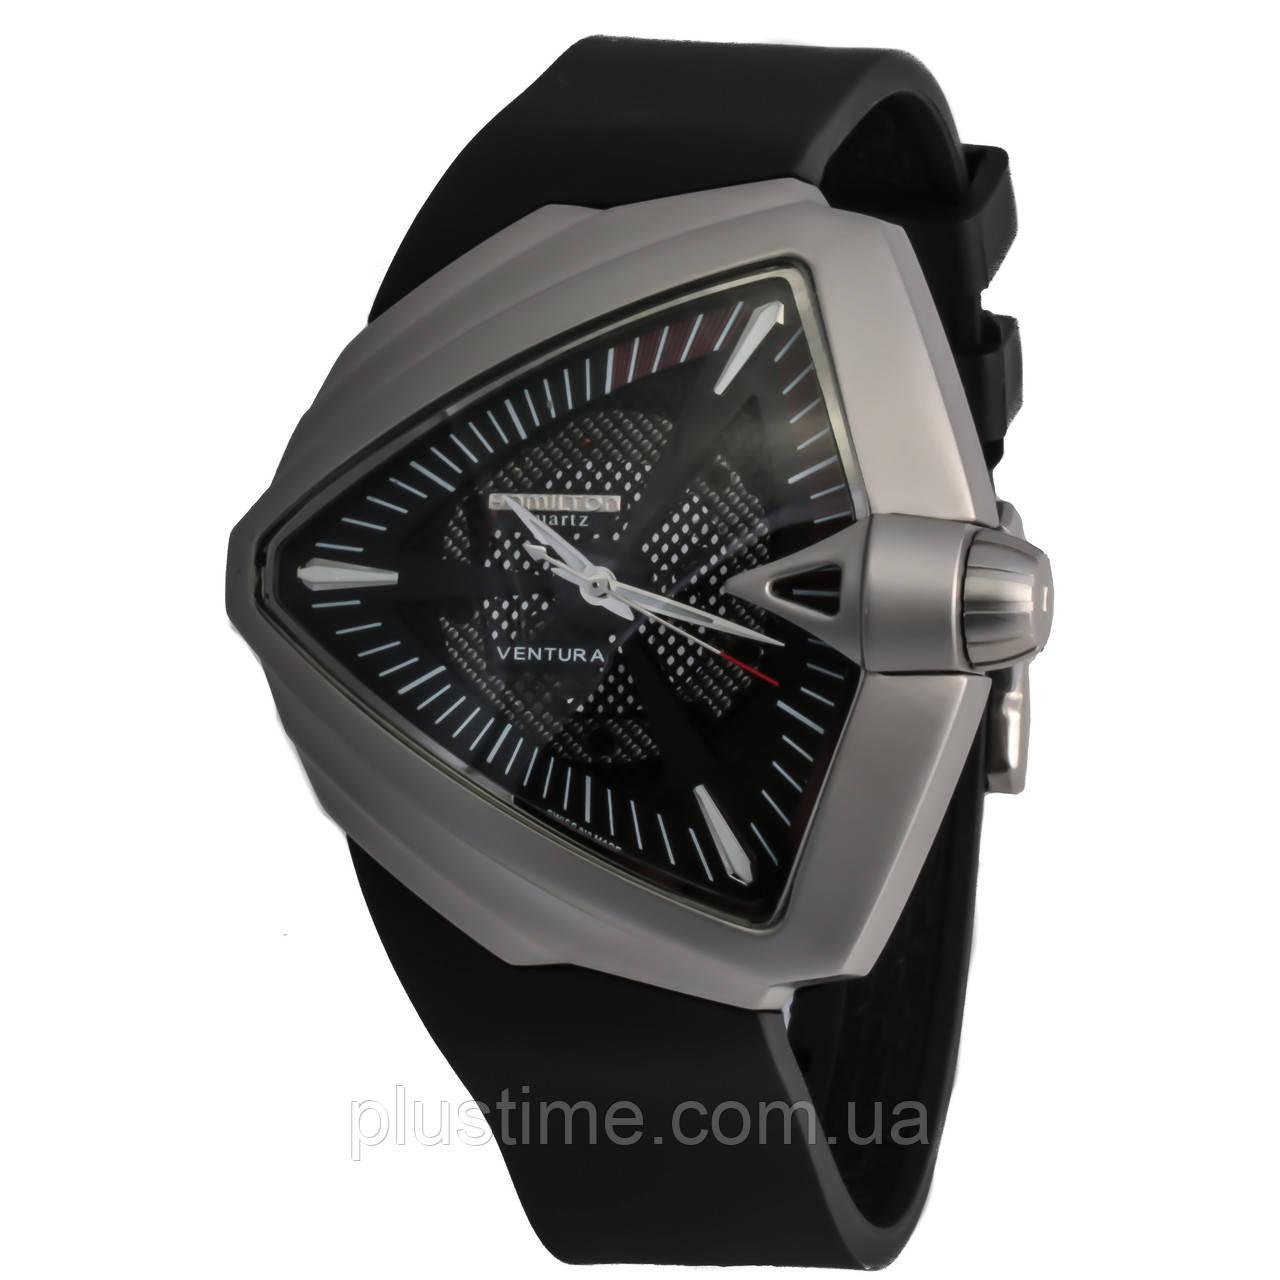 Наручные часы ventura какие купить хорошие наручные часы мужские